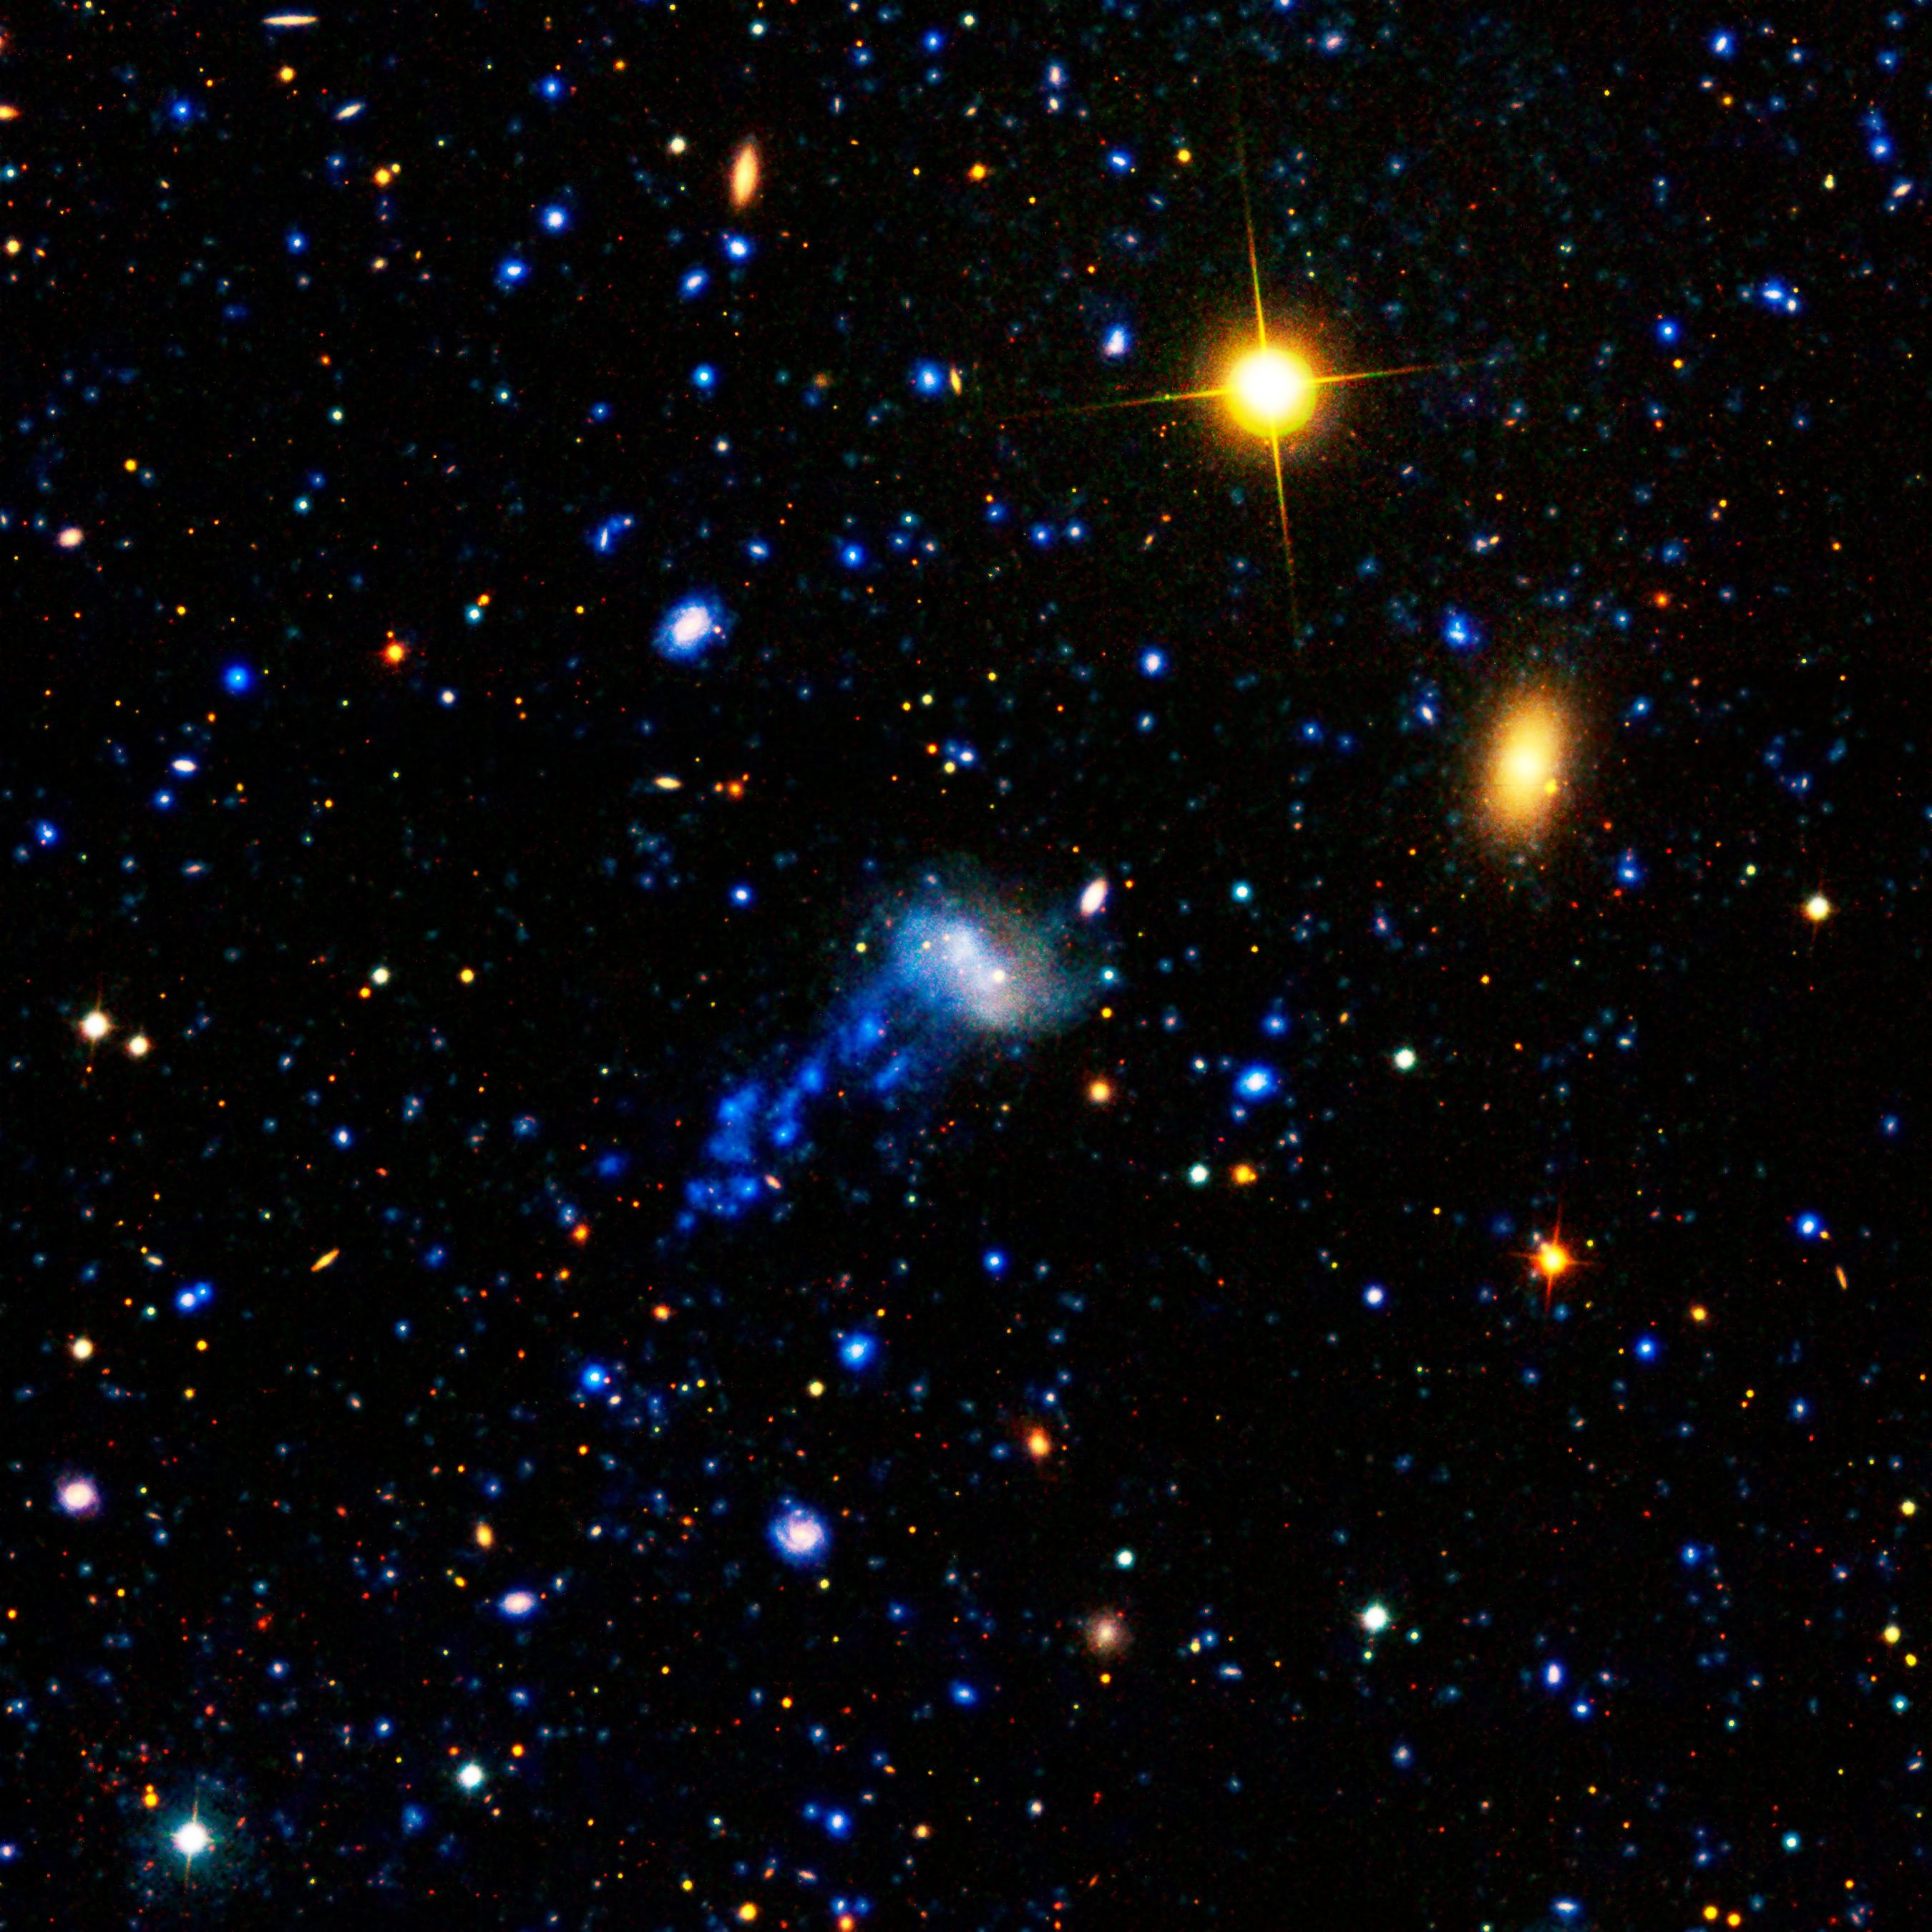 nasa stars and galaxies - photo #26